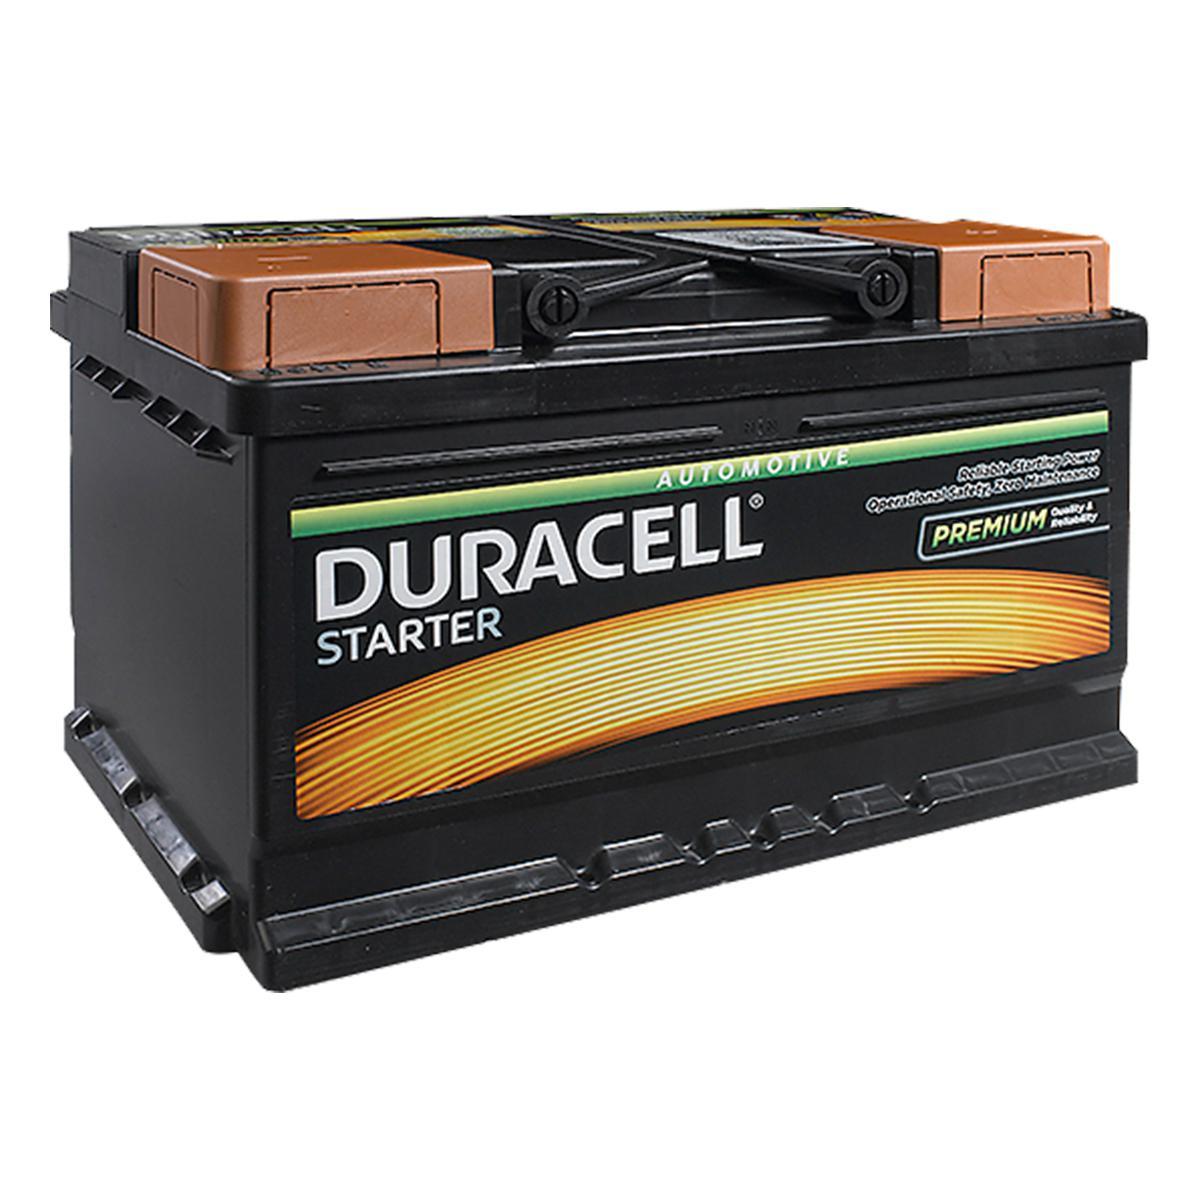 Duracell Starter 096/ DS72 Car Battery